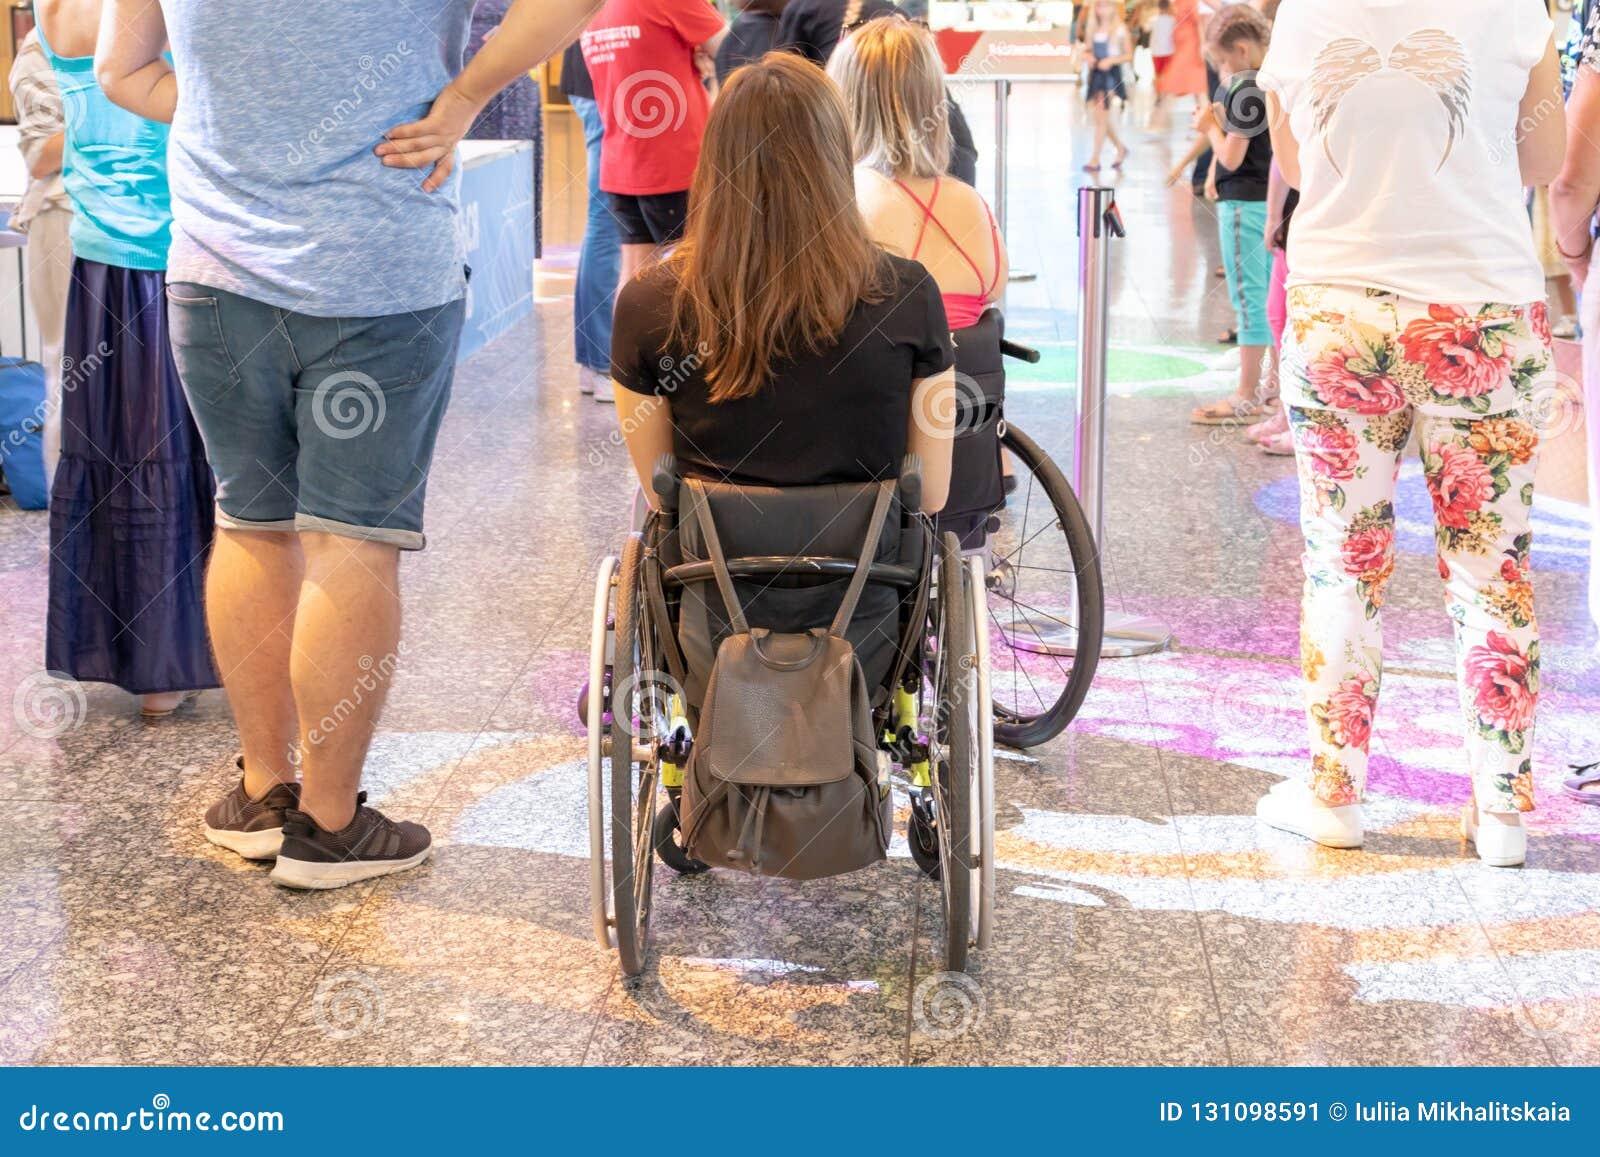 ΜΟΣΧΑ, ΡΩΣΙΑ - 29 ΑΥΓΟΎΣΤΟΥ 2018: Δύο με ειδικές ανάγκες άτομα στις αναπηρικές καρέκλες στη λεωφόρο αγορών